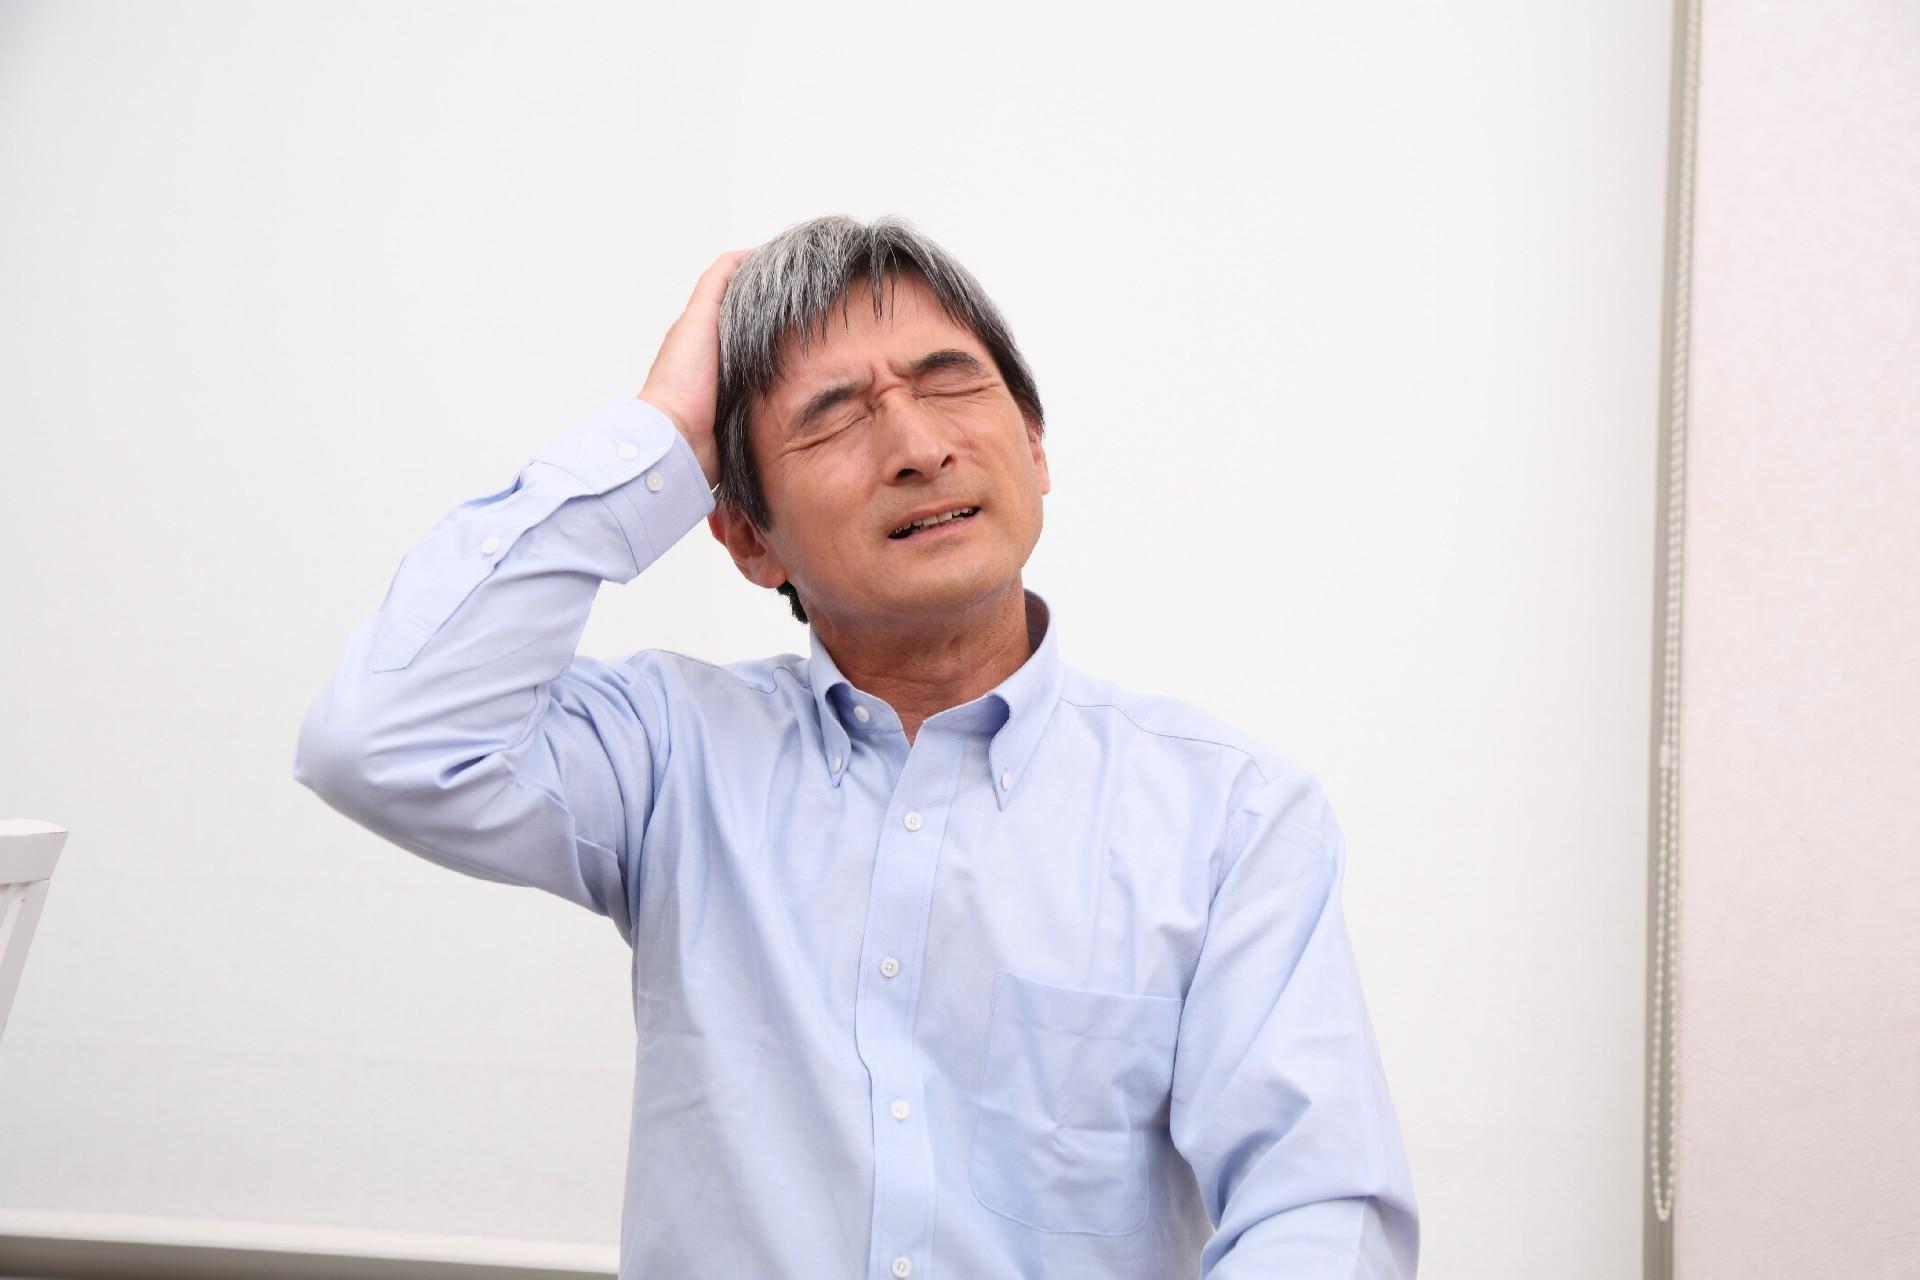 【改善】石けんシャンプー後日談・・・髪の毛が抜ける?ぱさぱさ?